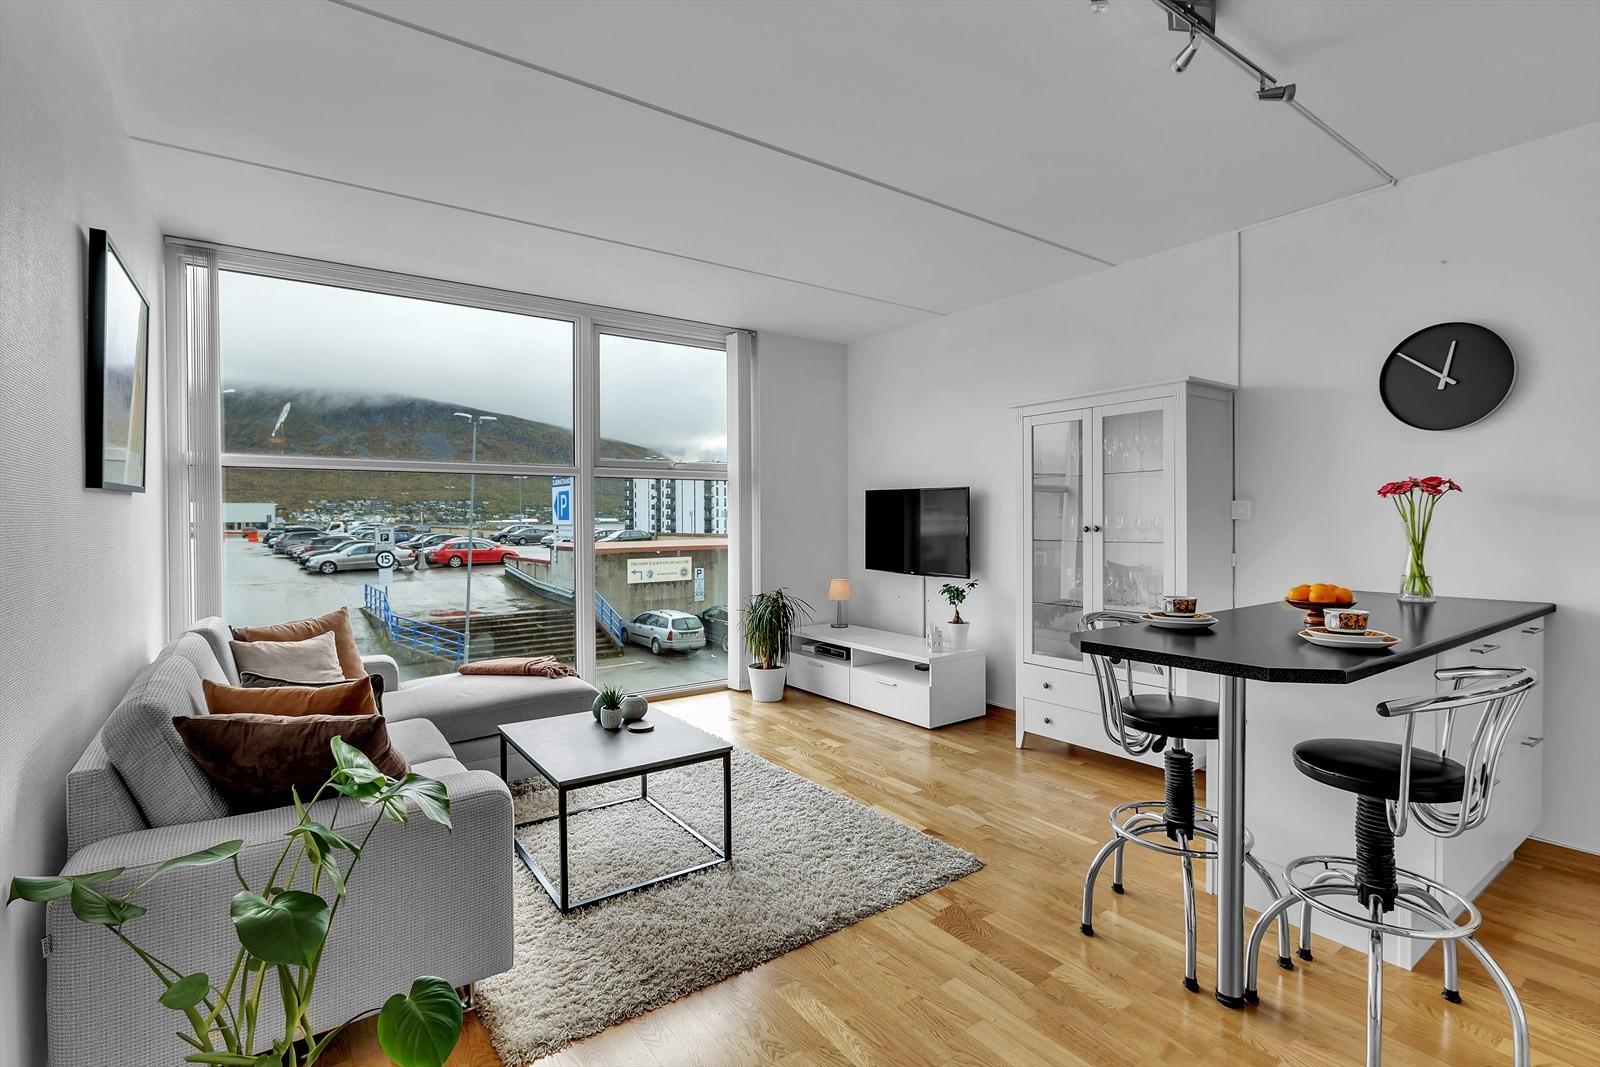 Hjem Eiendomsmegling AS v/ eiendomsmegler Robin I. Martinsen presenterer Stakkevollvegen 112 K!